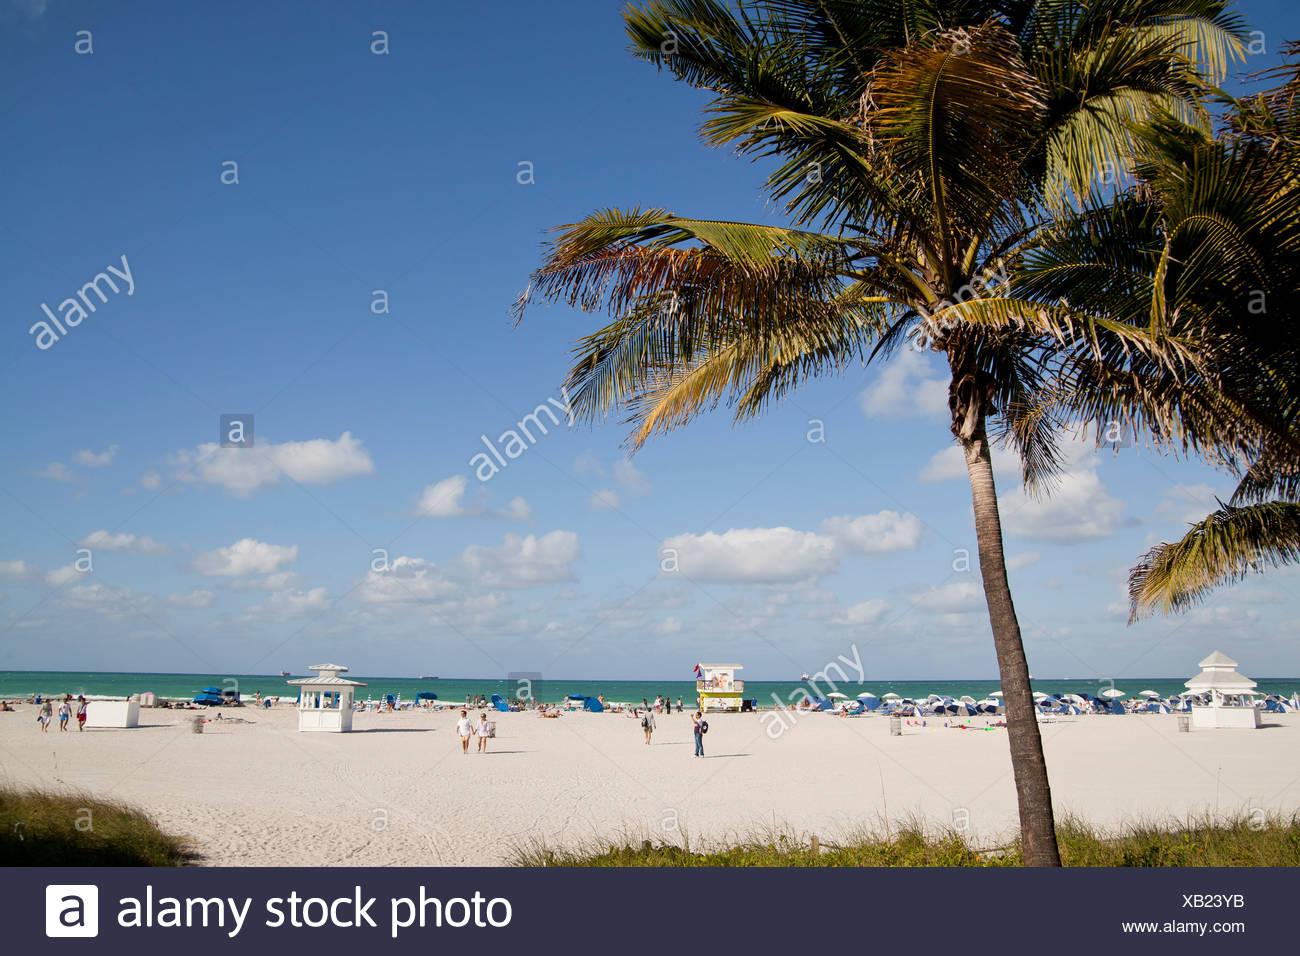 Palme da cocco sulla spiaggia, South Beach, Miami, Florida, Stati Uniti d'America Foto Stock